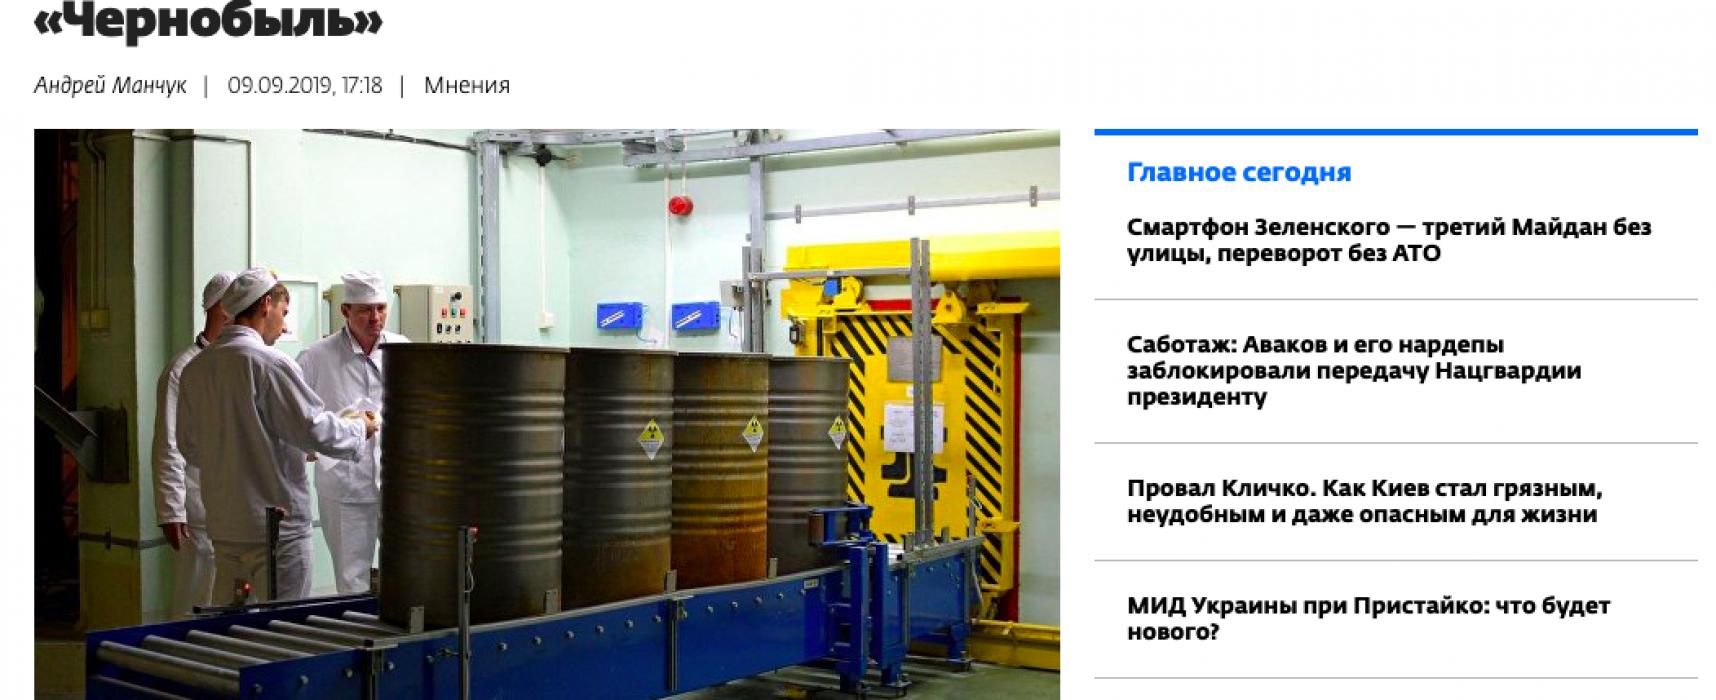 Fake: Ukraine verwandelt sich in ein nukleares Gräberfeld, zweites Tschernobyl bahnt sich an